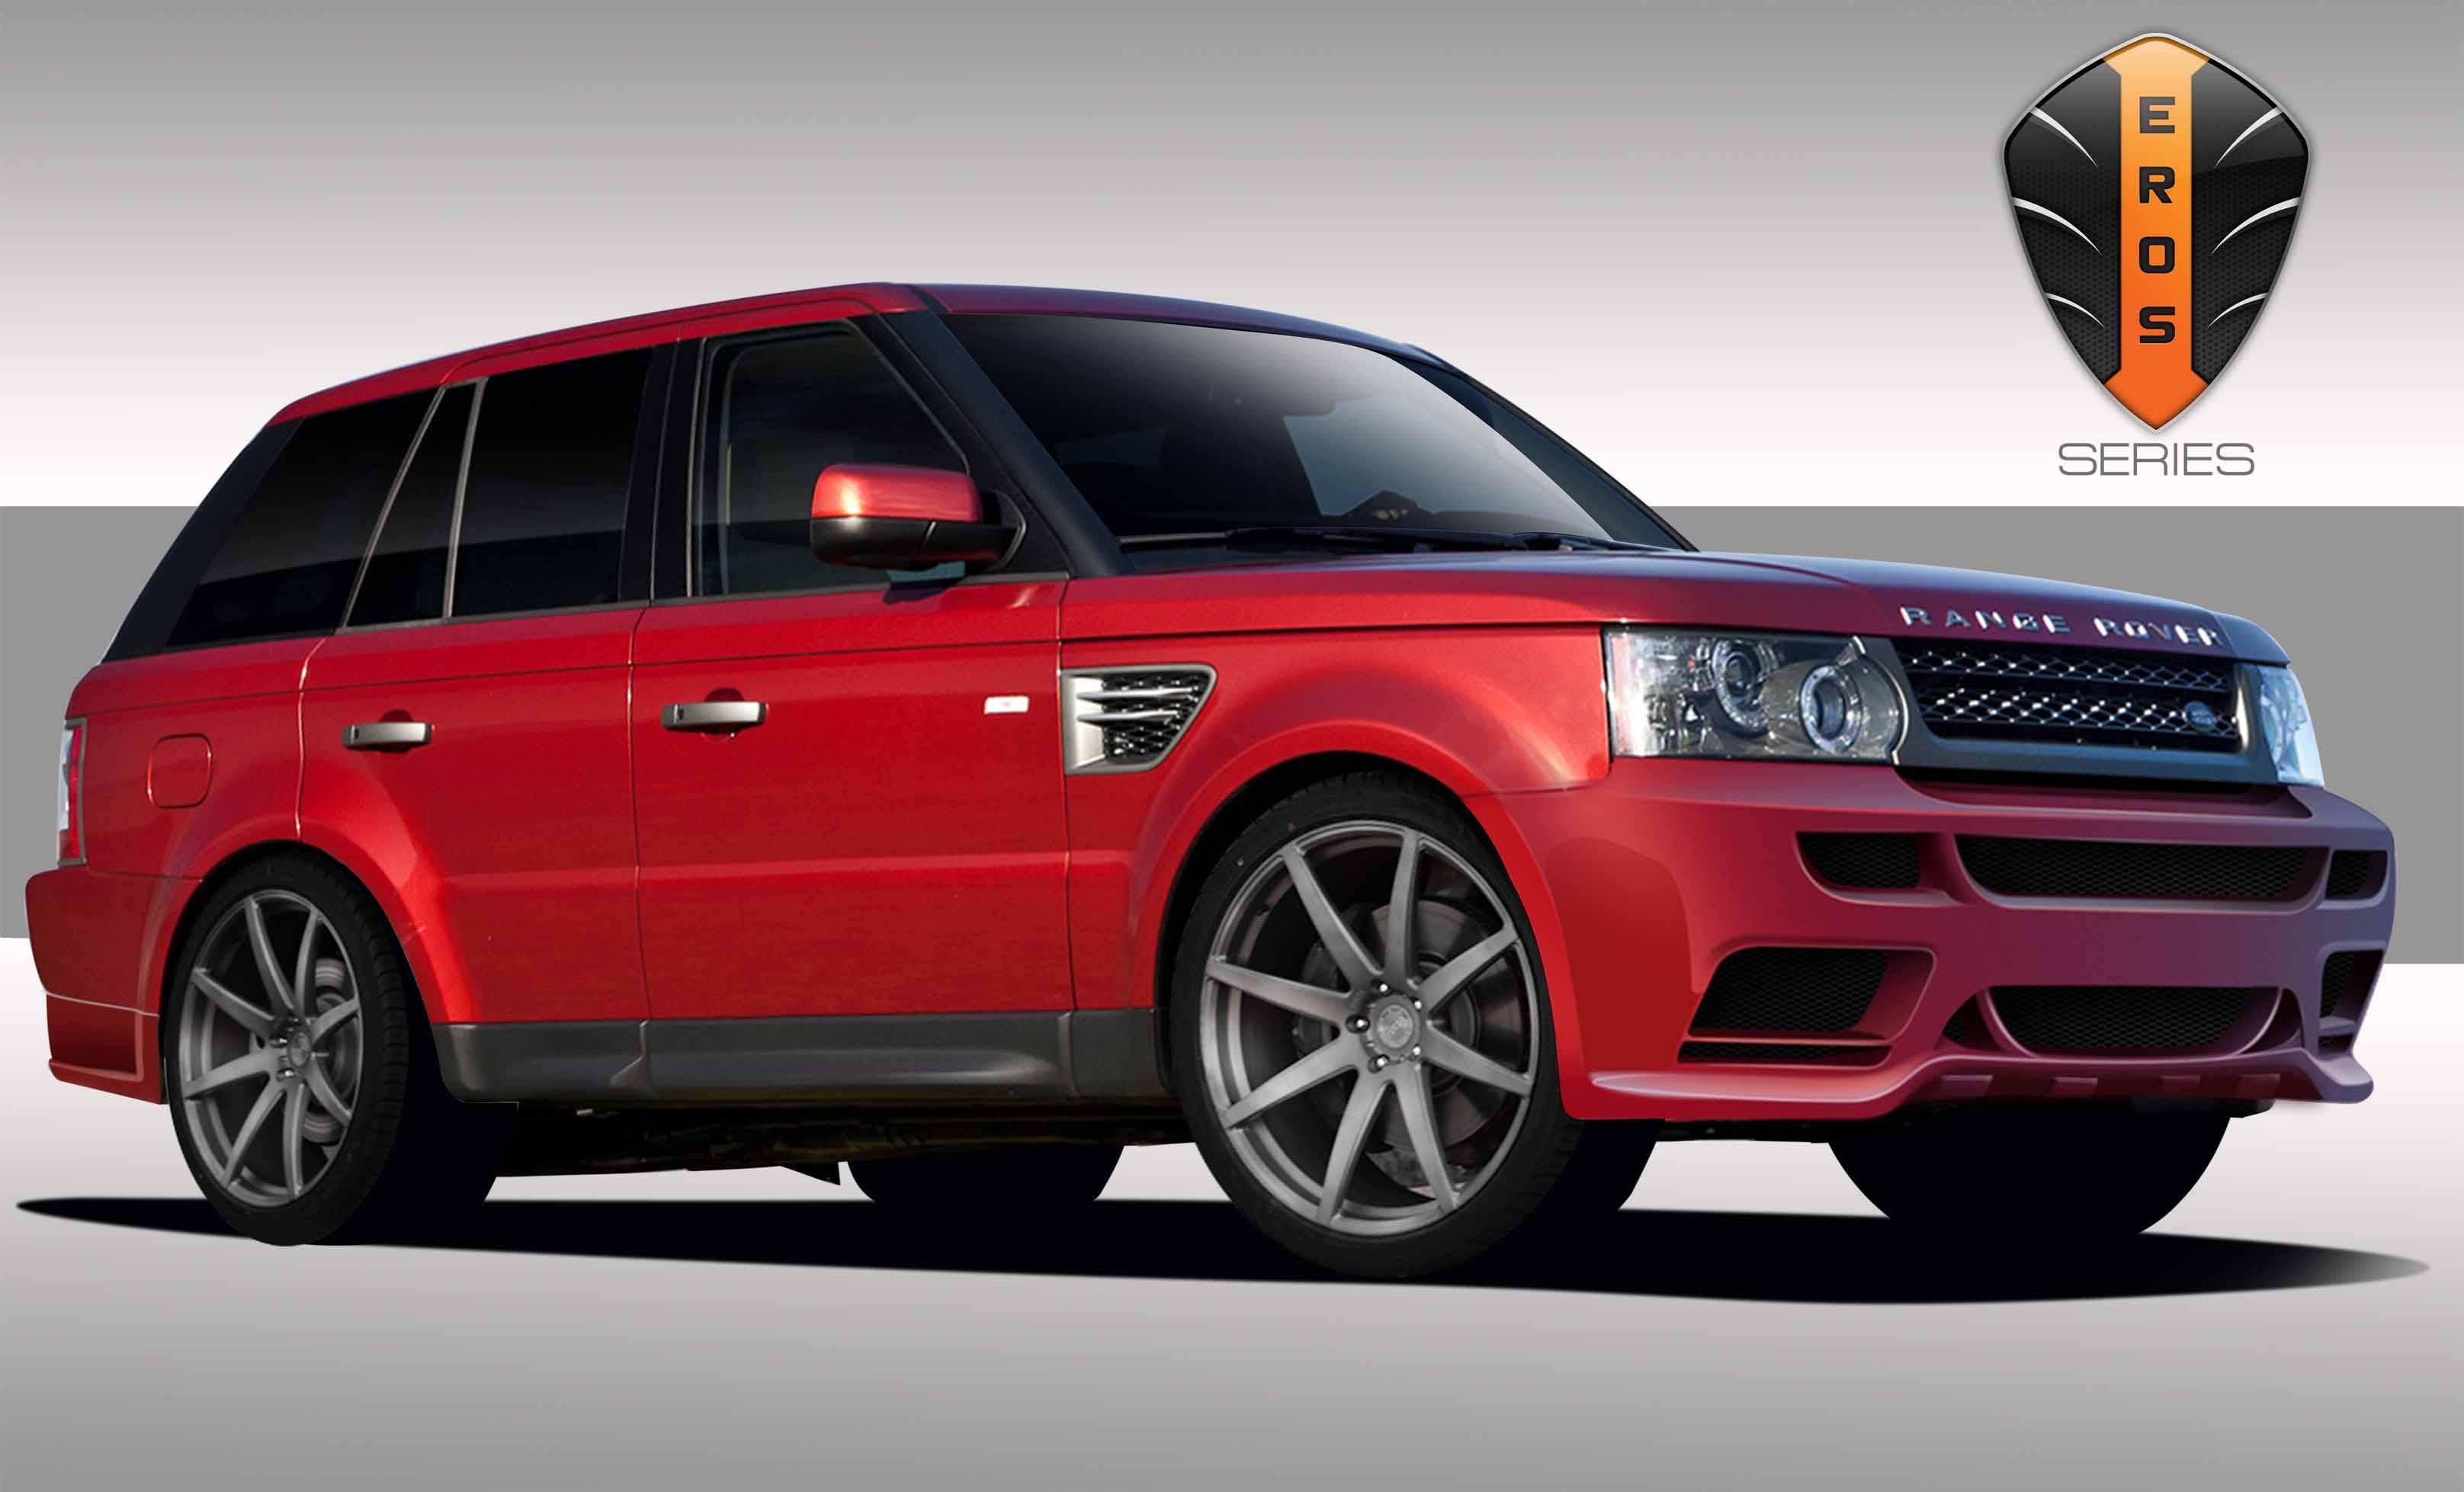 2012 Land Rover Range Rover Sport Fiberglass Body Kit Body Kit